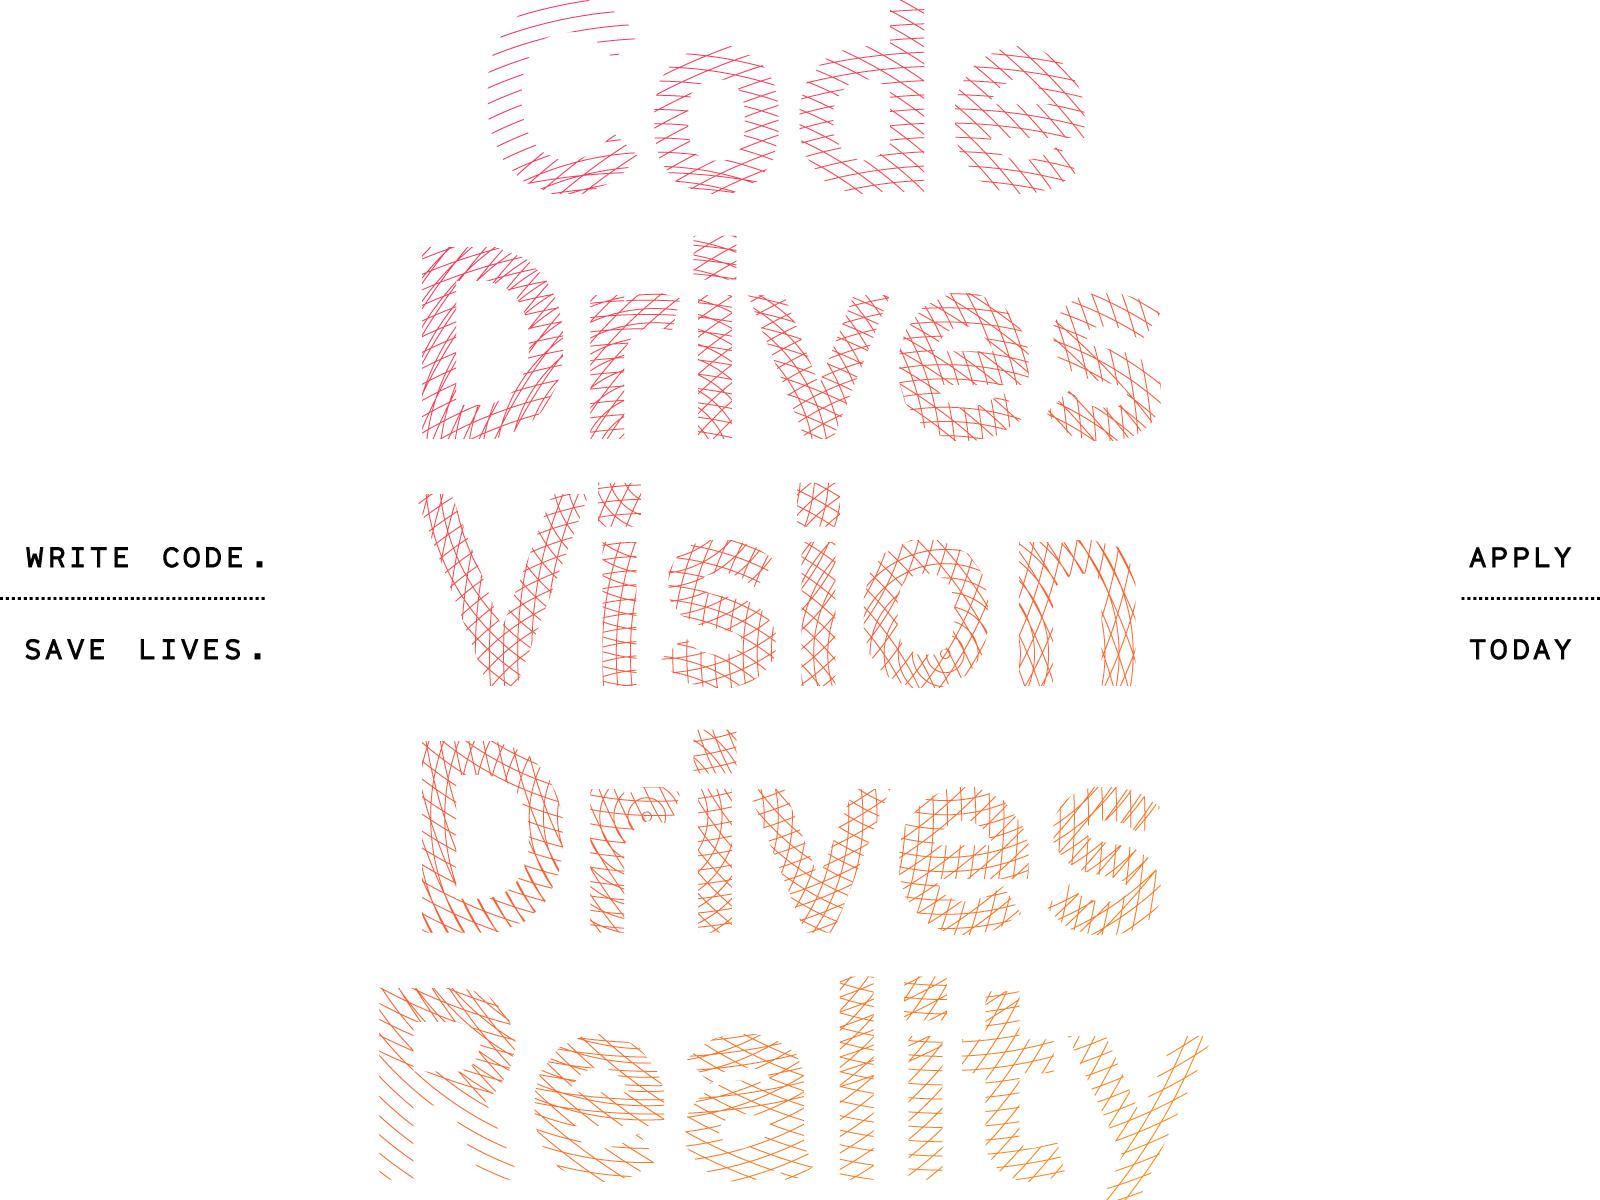 Unused Concept - Recruitment Campaign